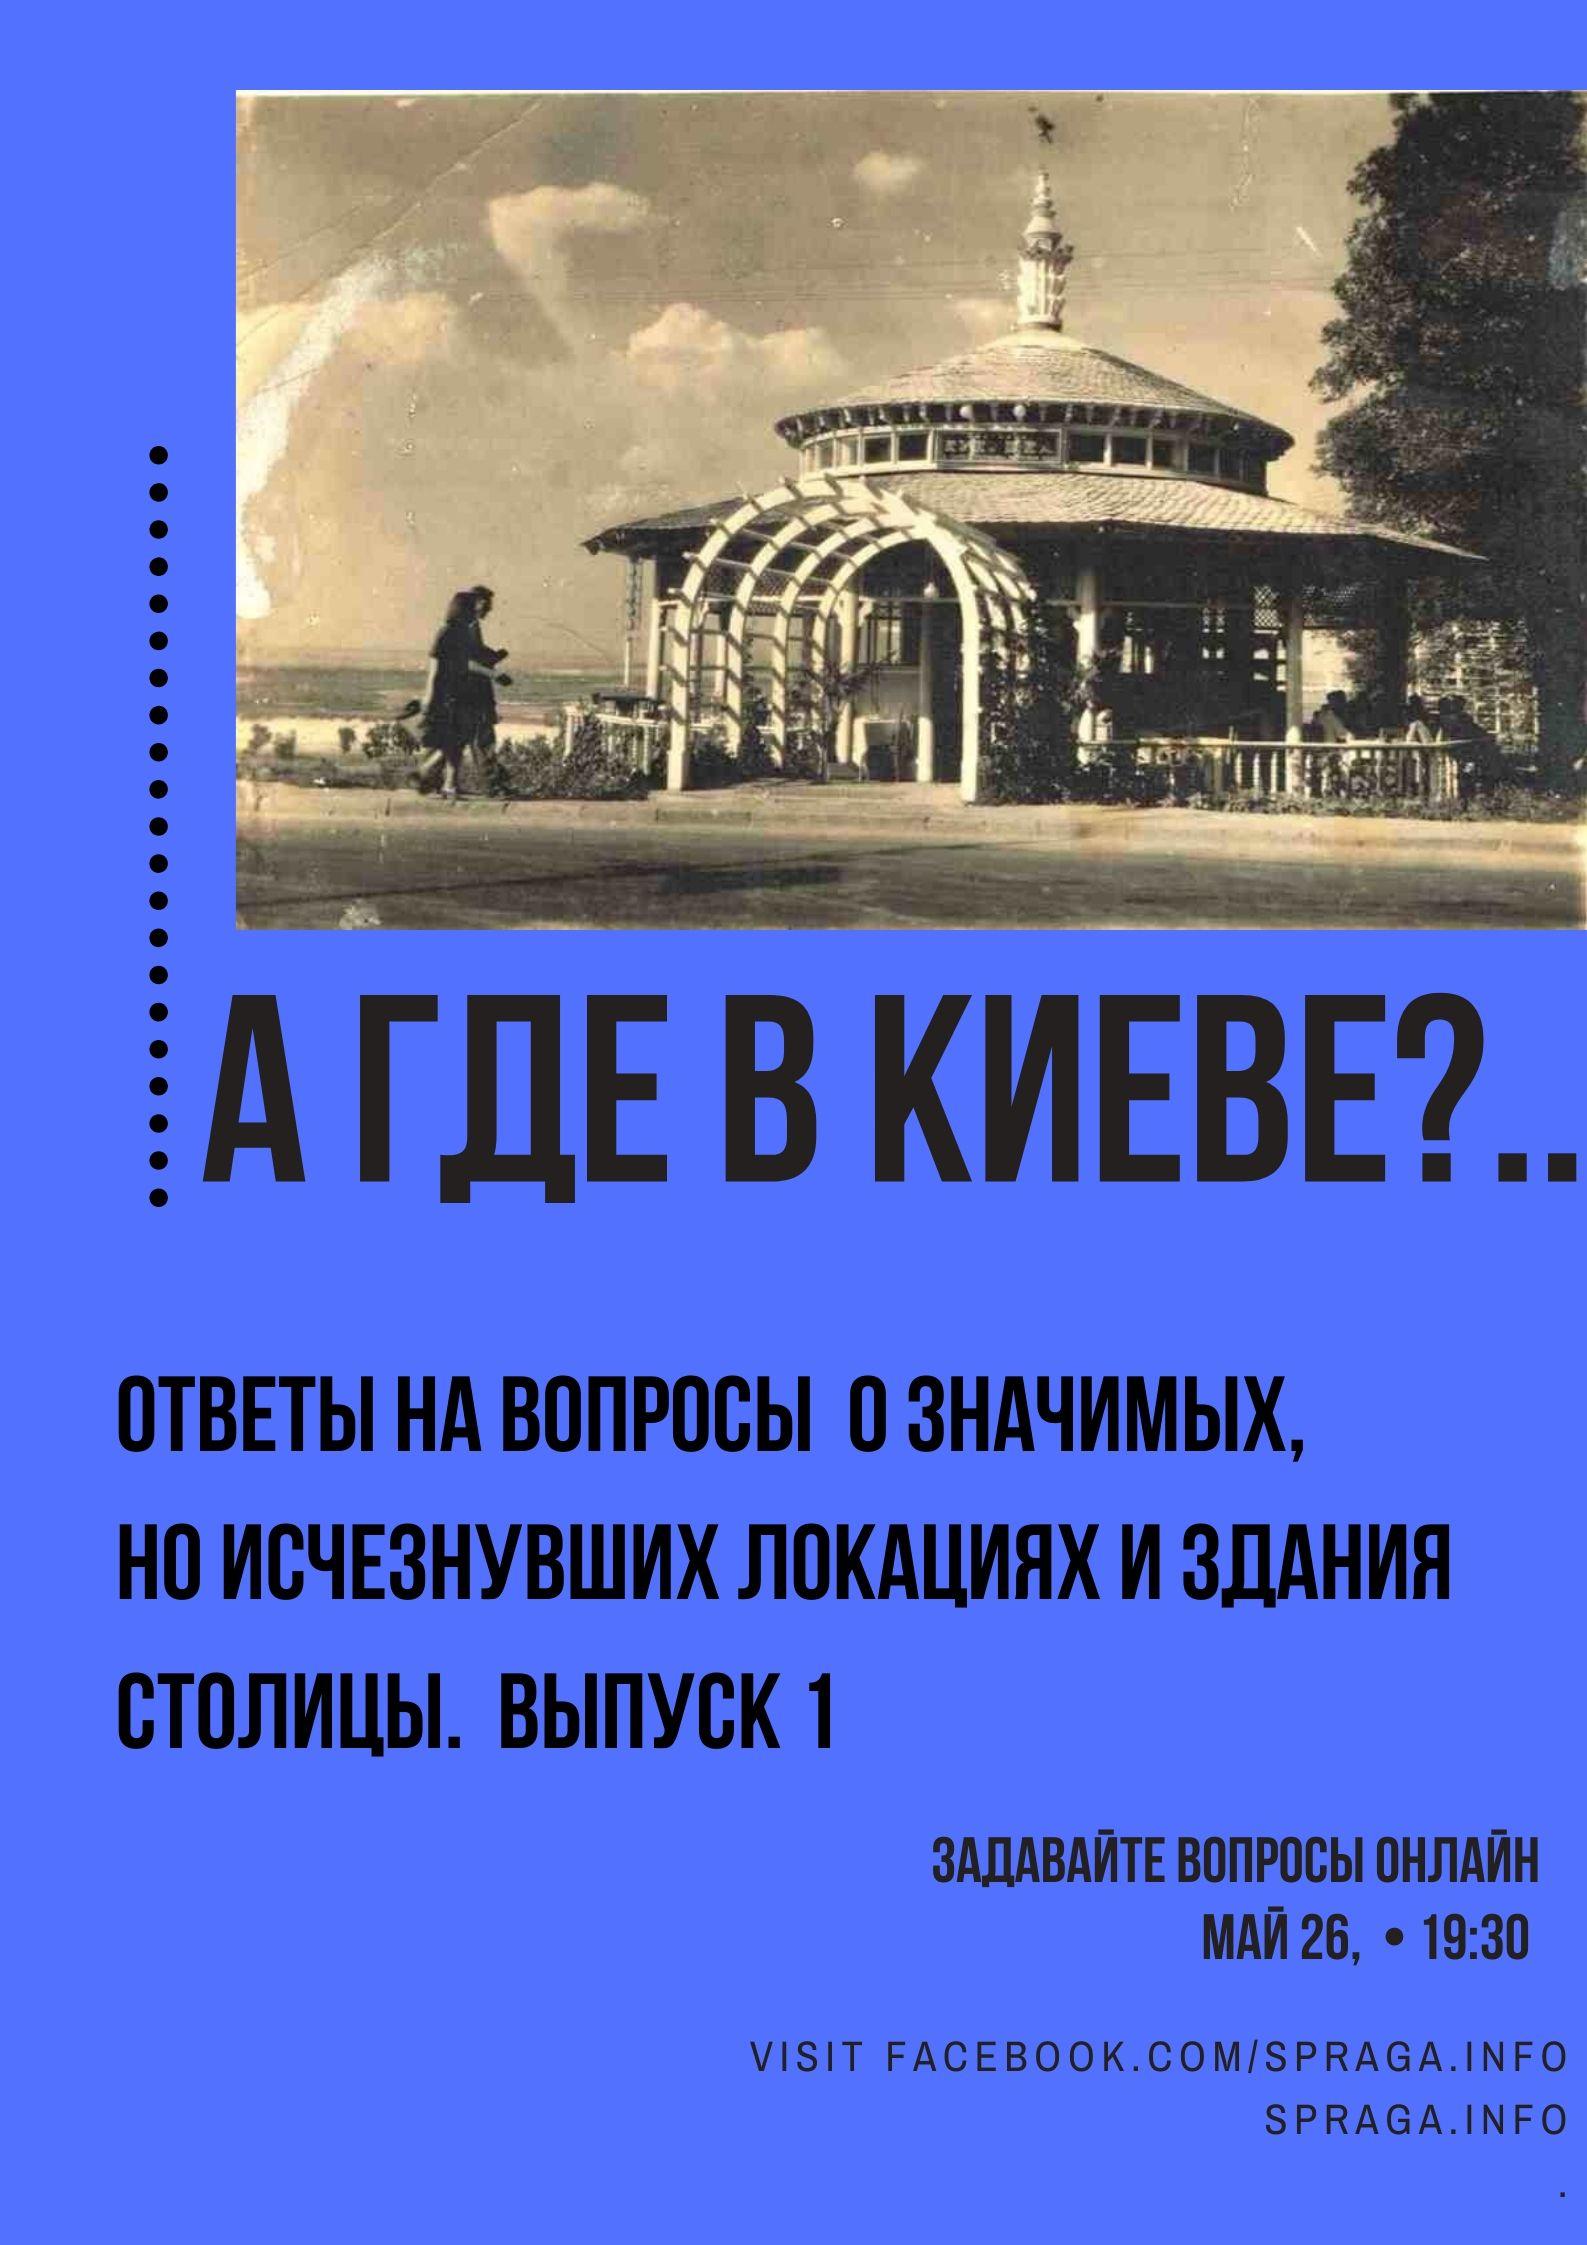 Киев, старый Киев, экскурсия онлайн, афиша